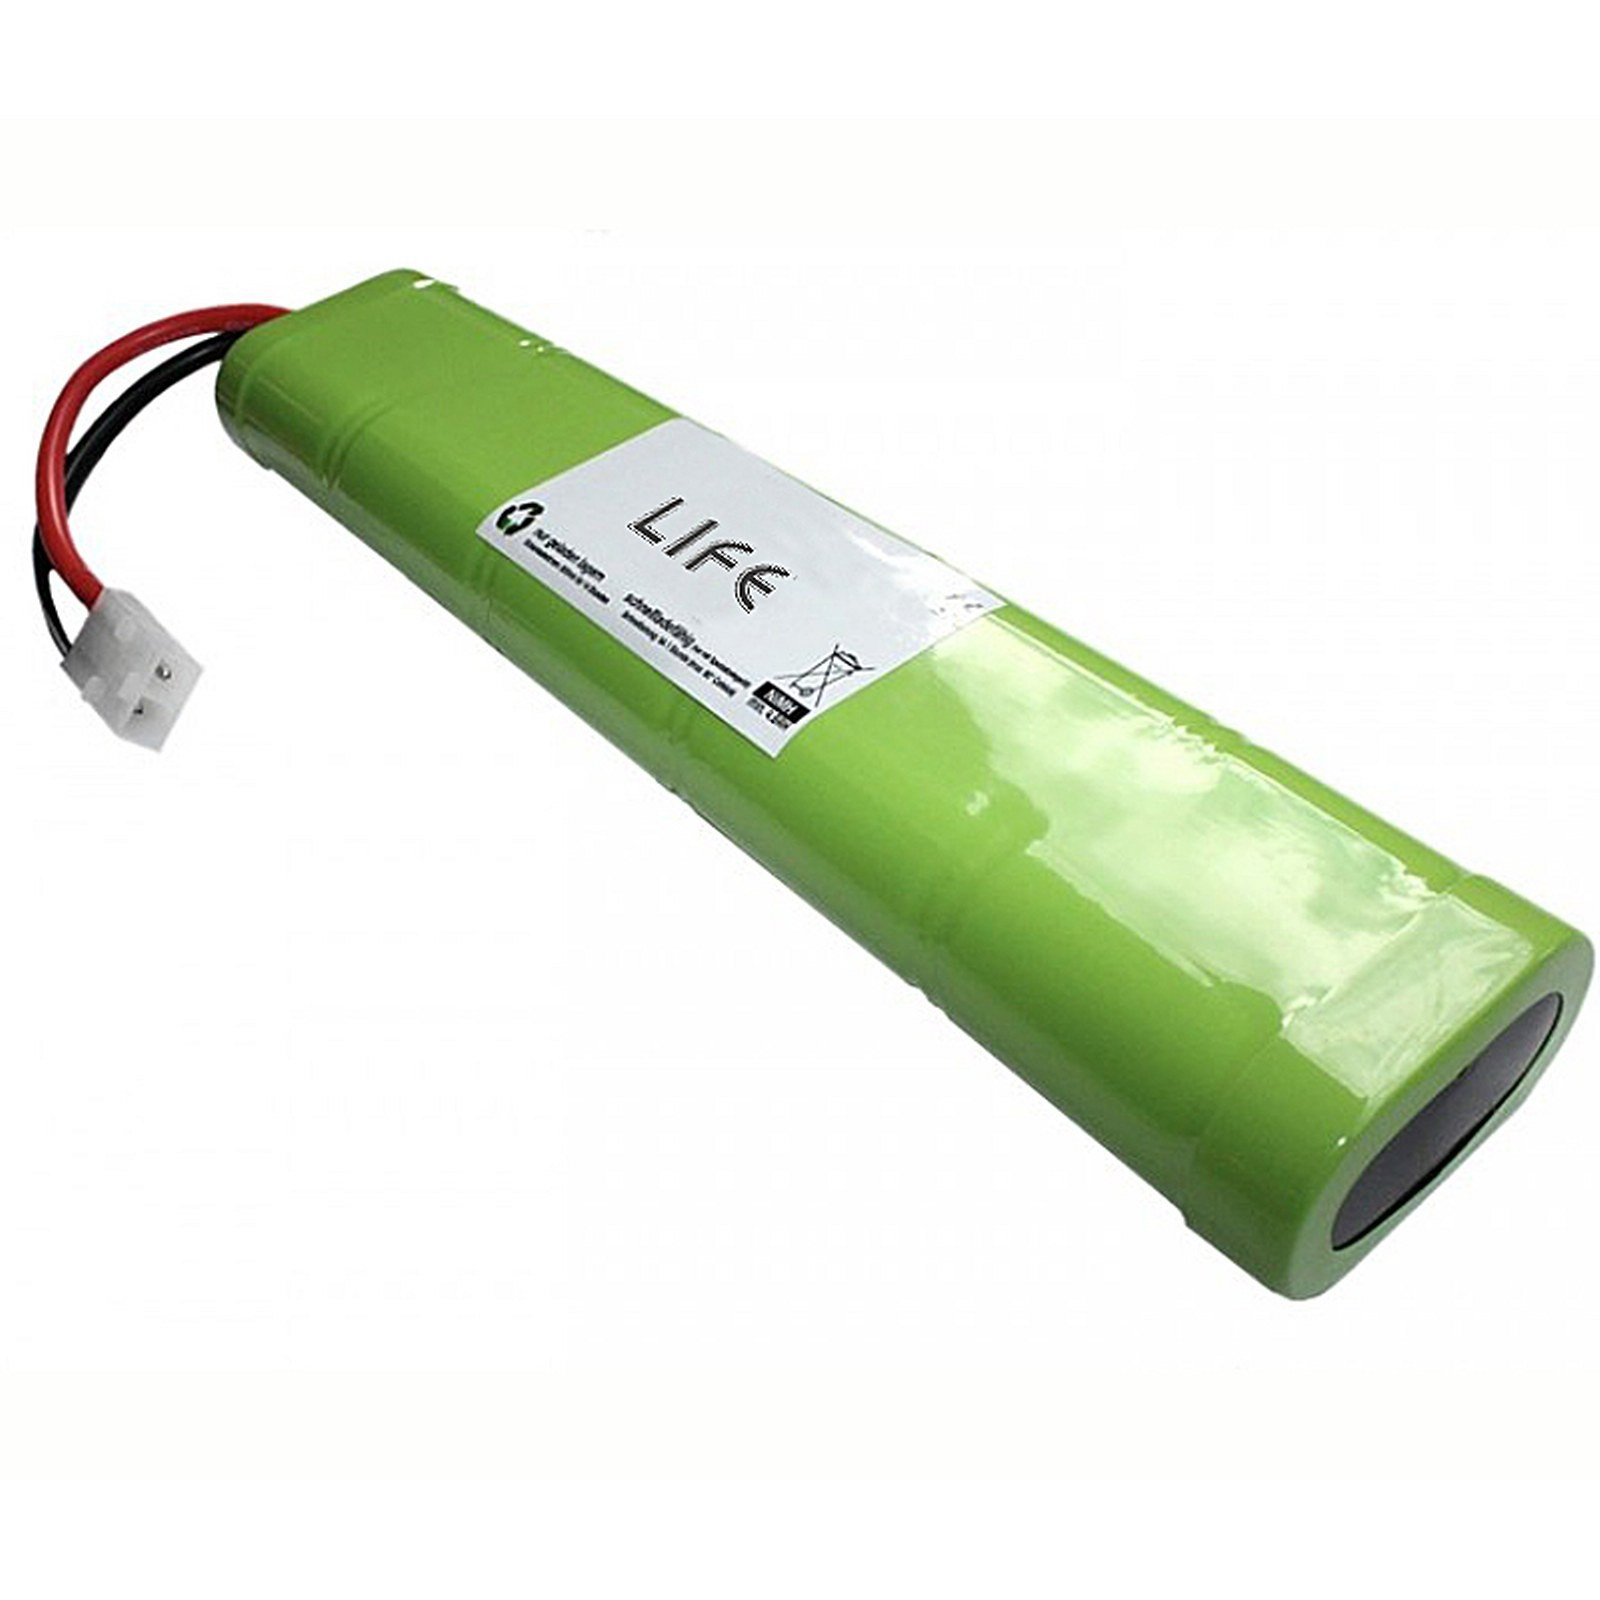 Batterie Per Lampade Di Emergenza Ova.Batterie Per Lampade Di Emergenza